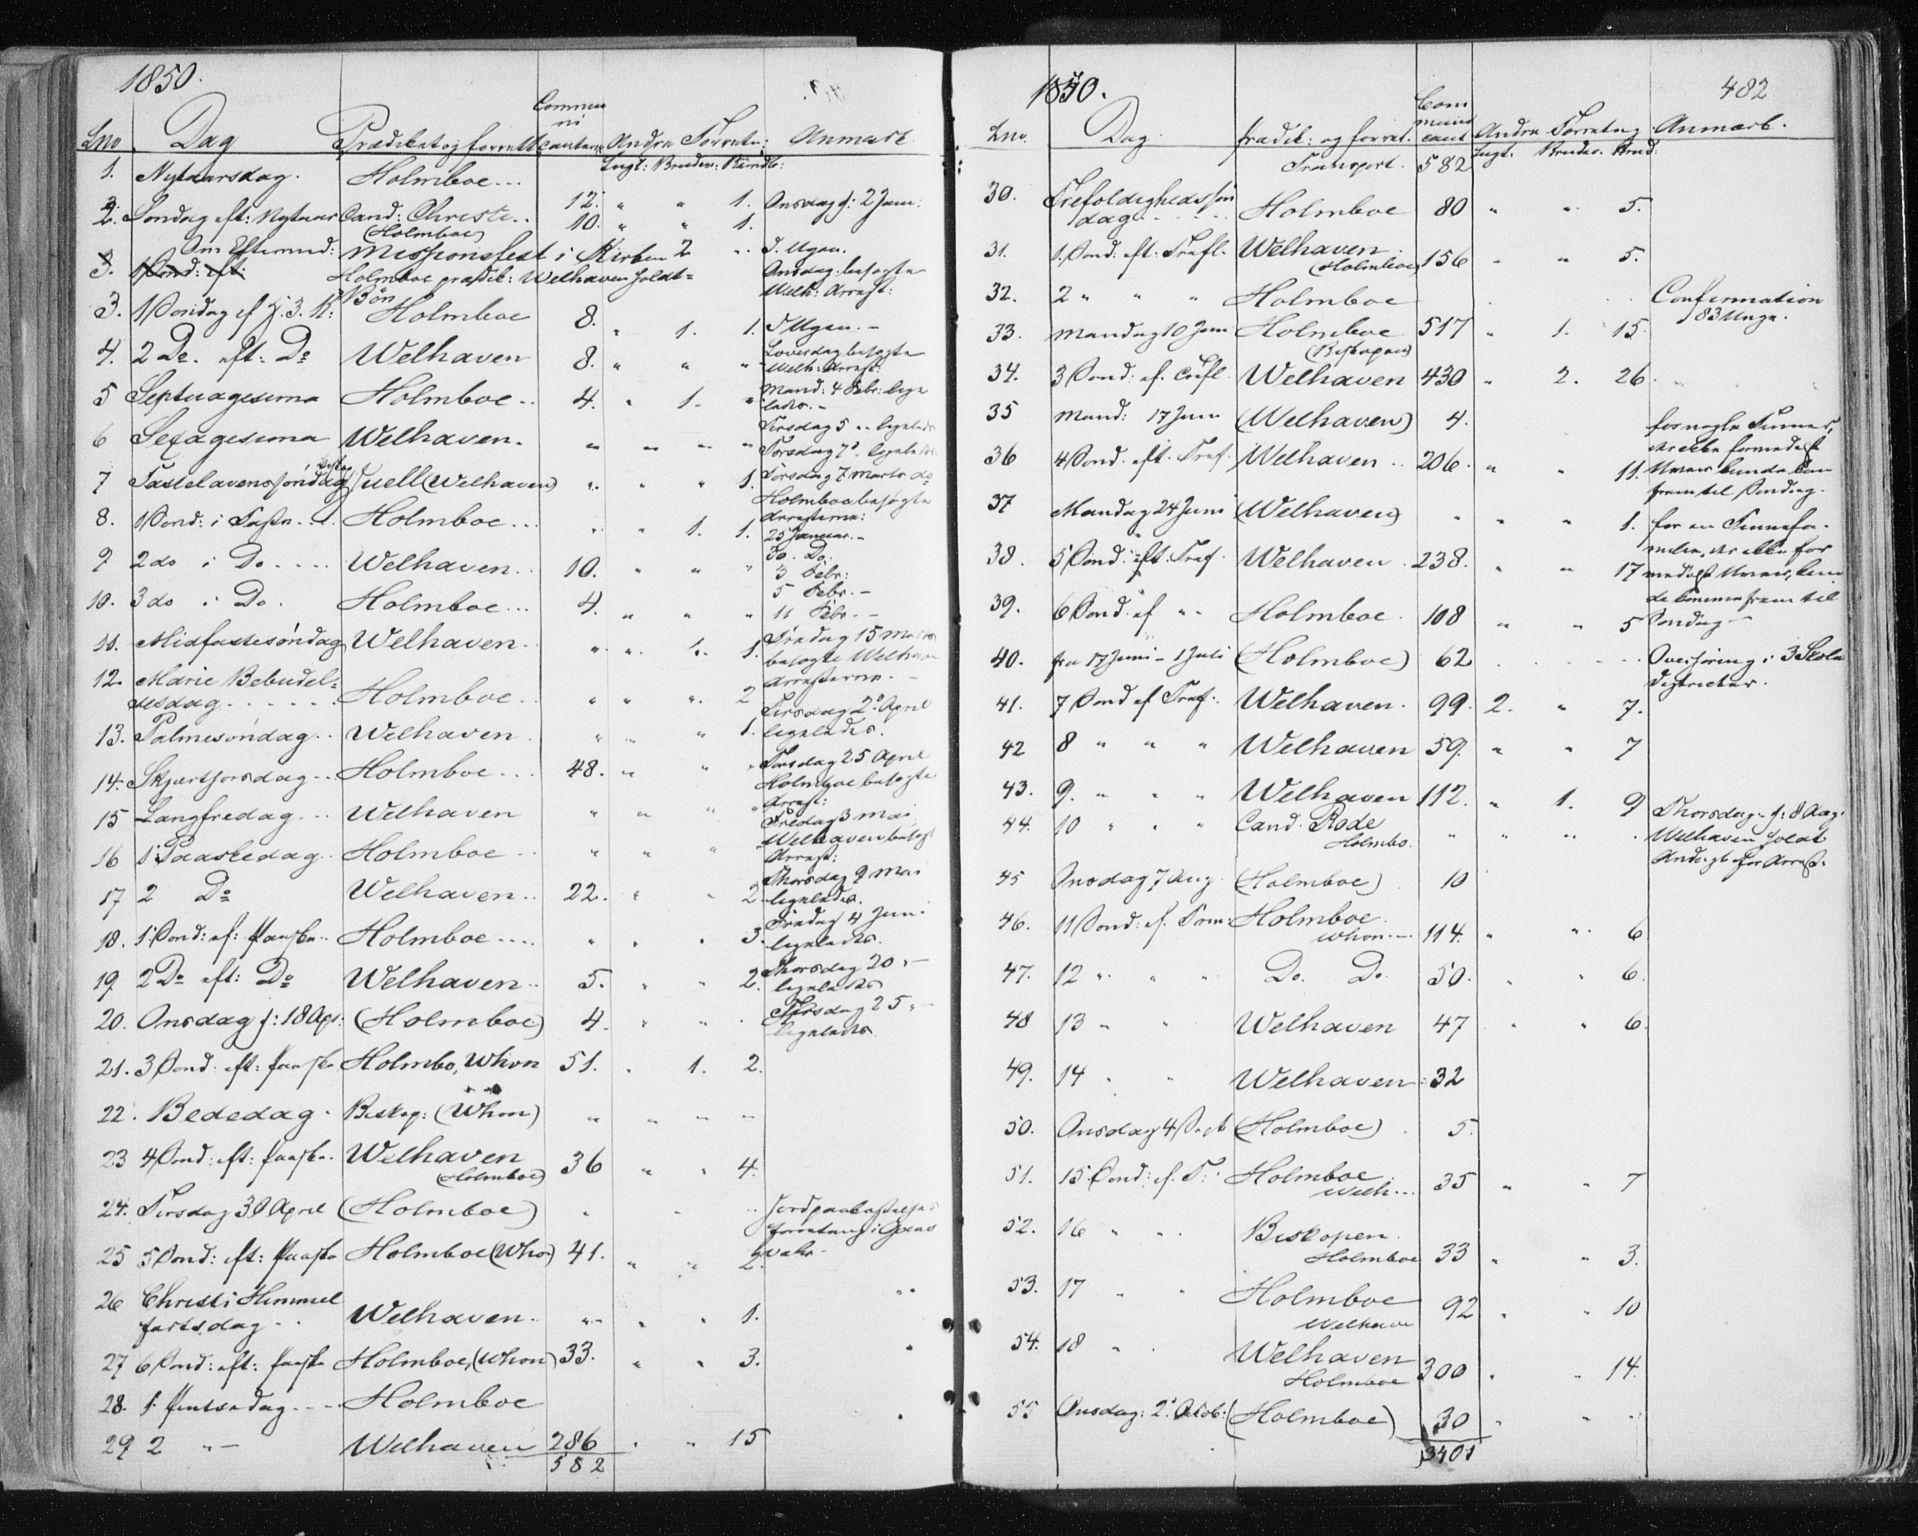 SATØ, Tromsø sokneprestkontor/stiftsprosti/domprosti, G/Ga/L0010kirke: Ministerialbok nr. 10, 1848-1855, s. 482